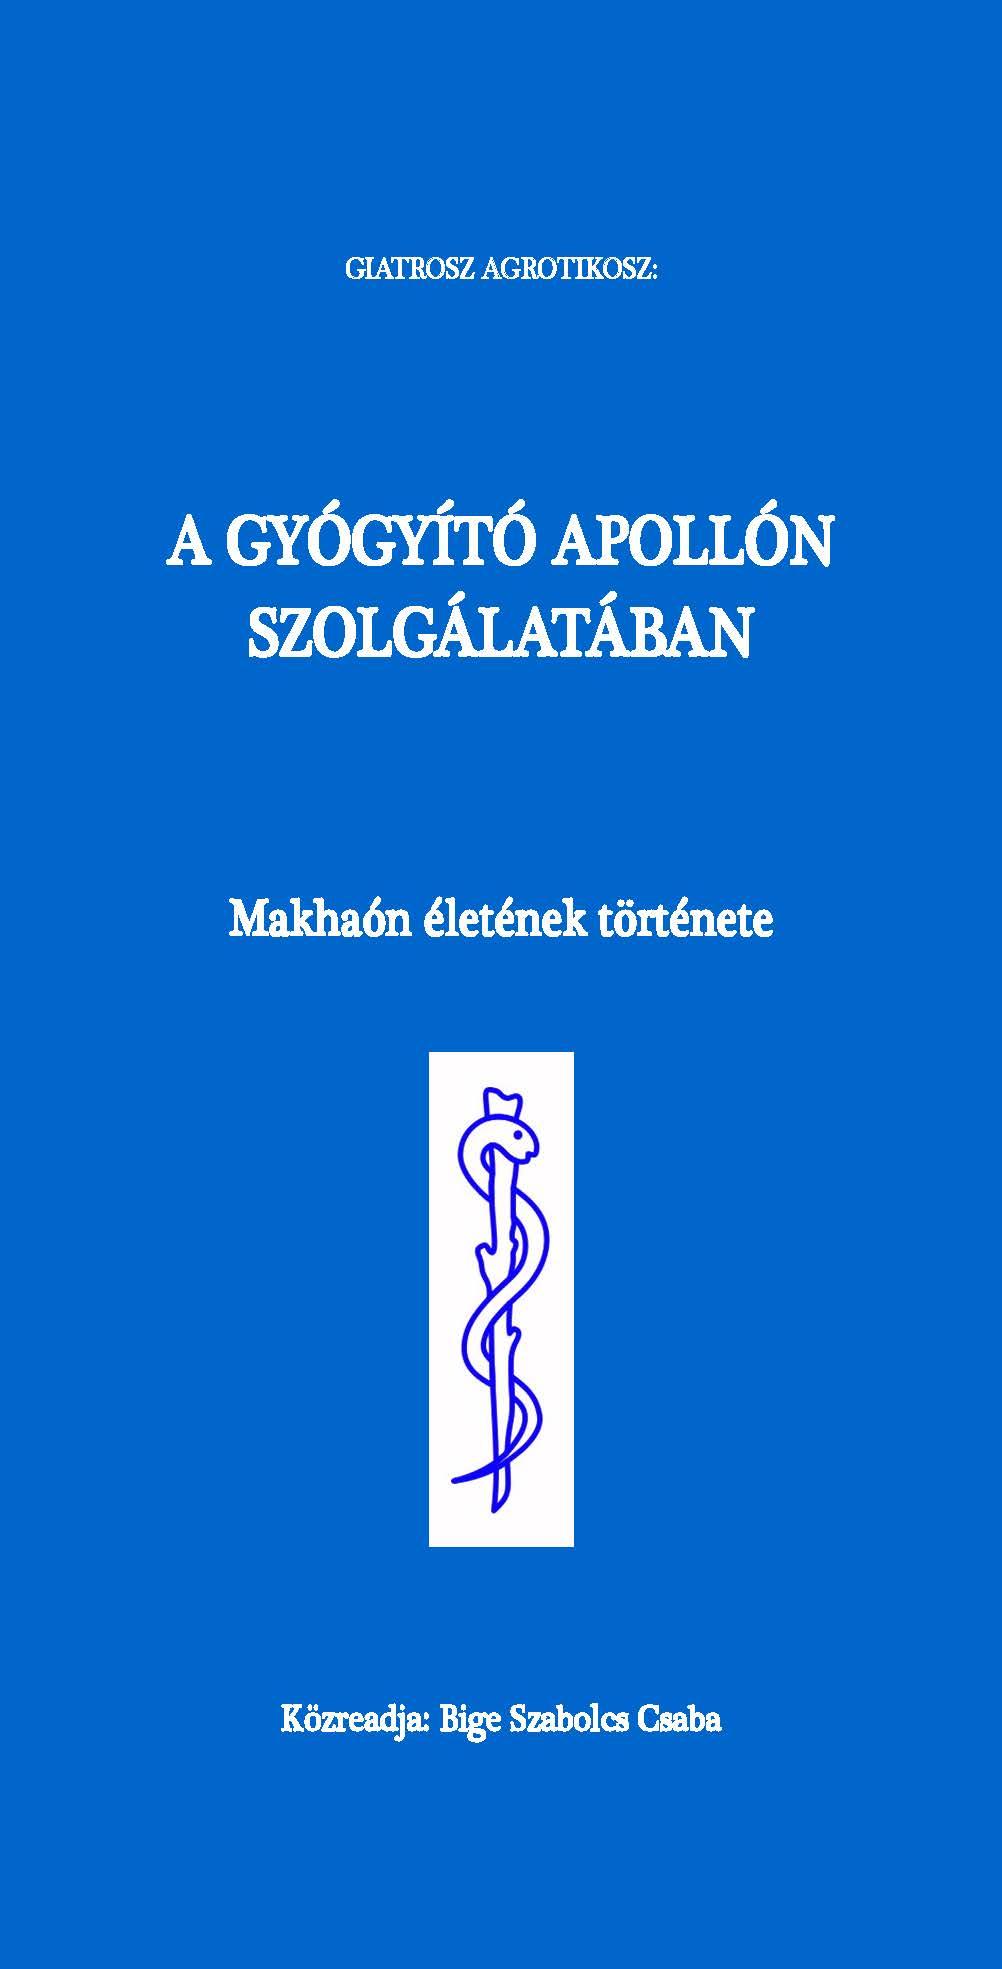 Bige Szabolcs Csaba: A gyógyító Apollón szolgálatában